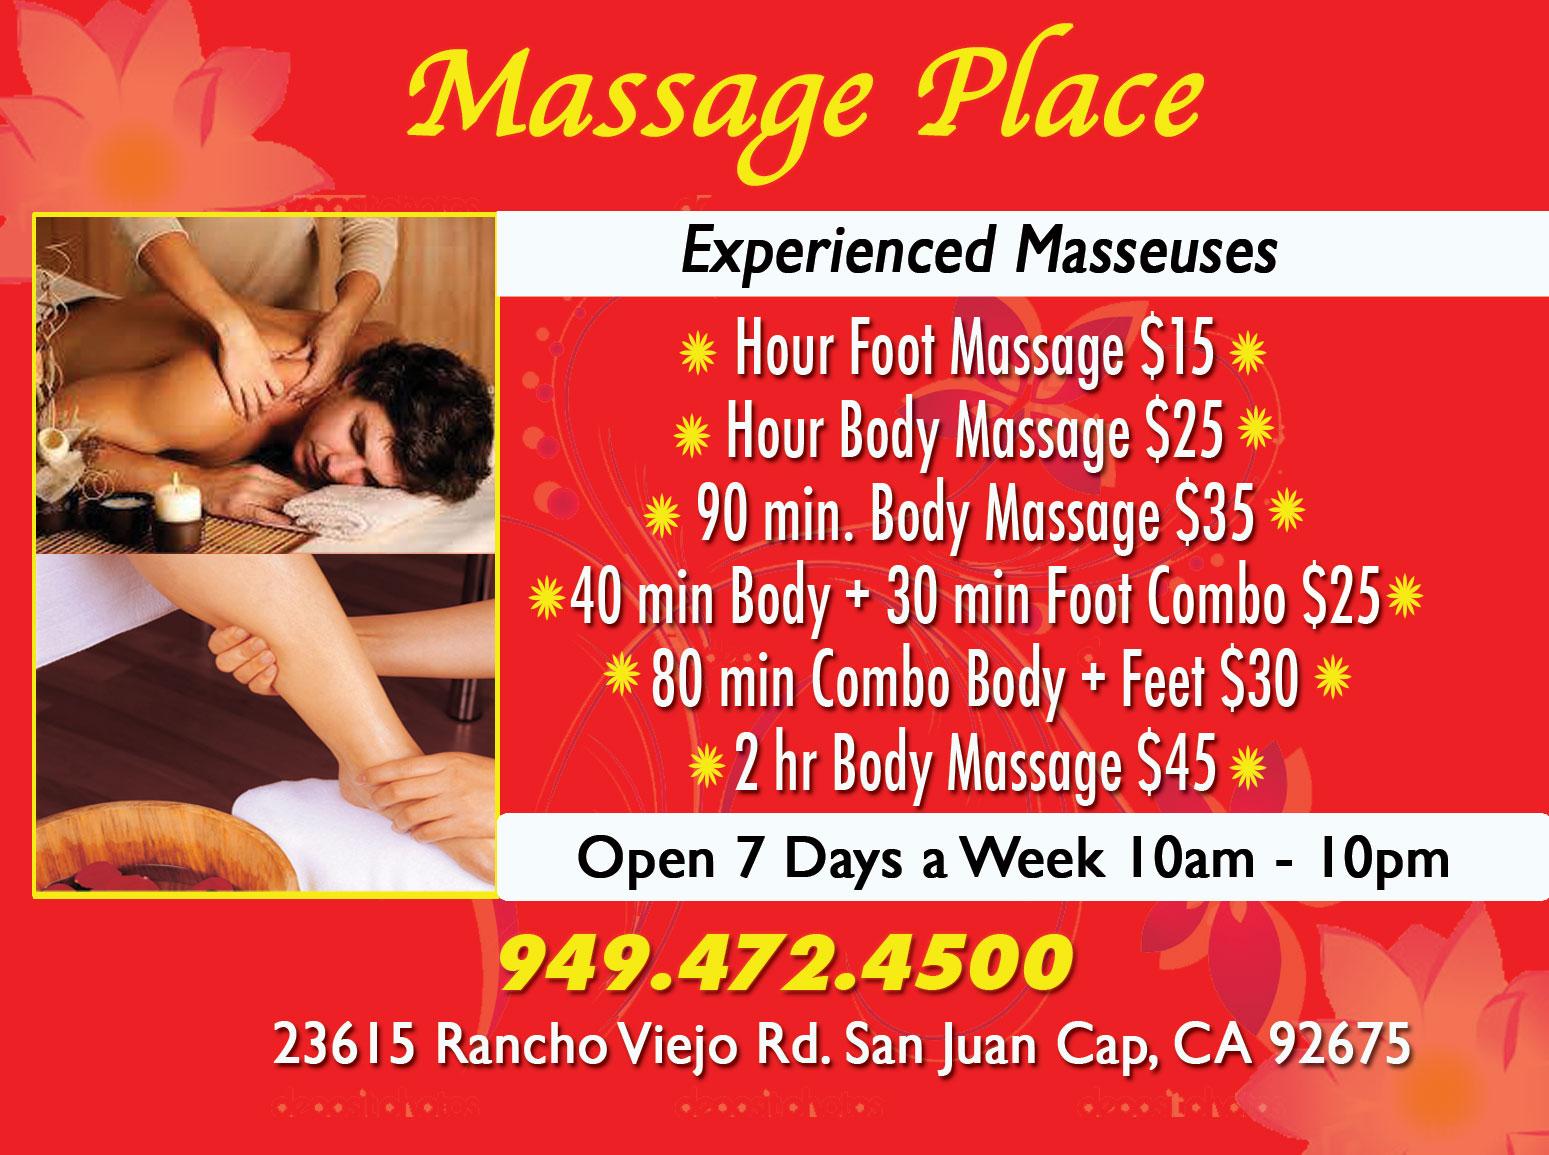 Massage Place